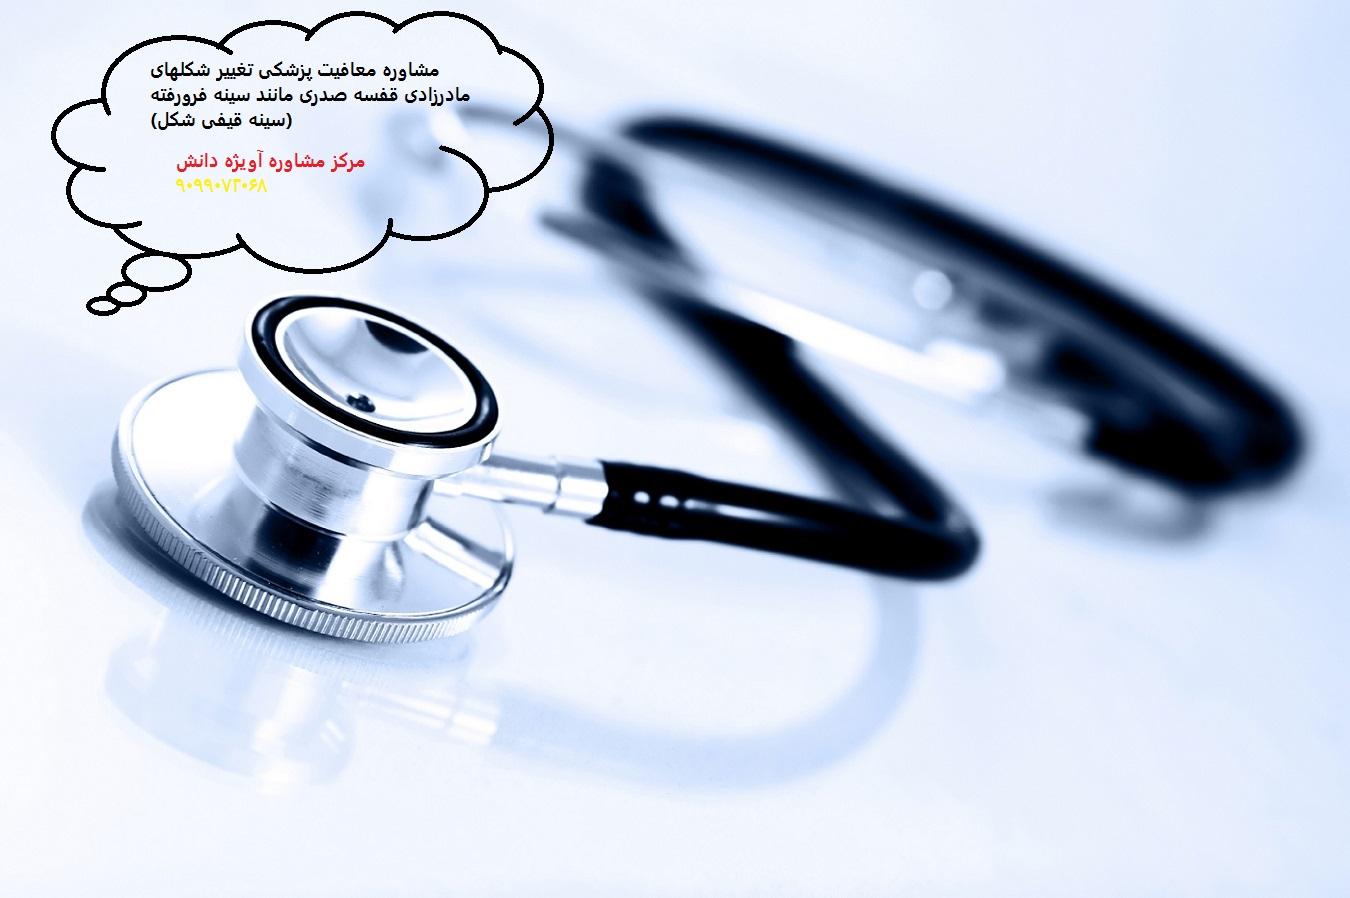 مشاوره معافیت پزشکی تغییر شکلهای مادرزادی قفسه صدری مانند سینه فرورفته (سینه قیفی شکل)